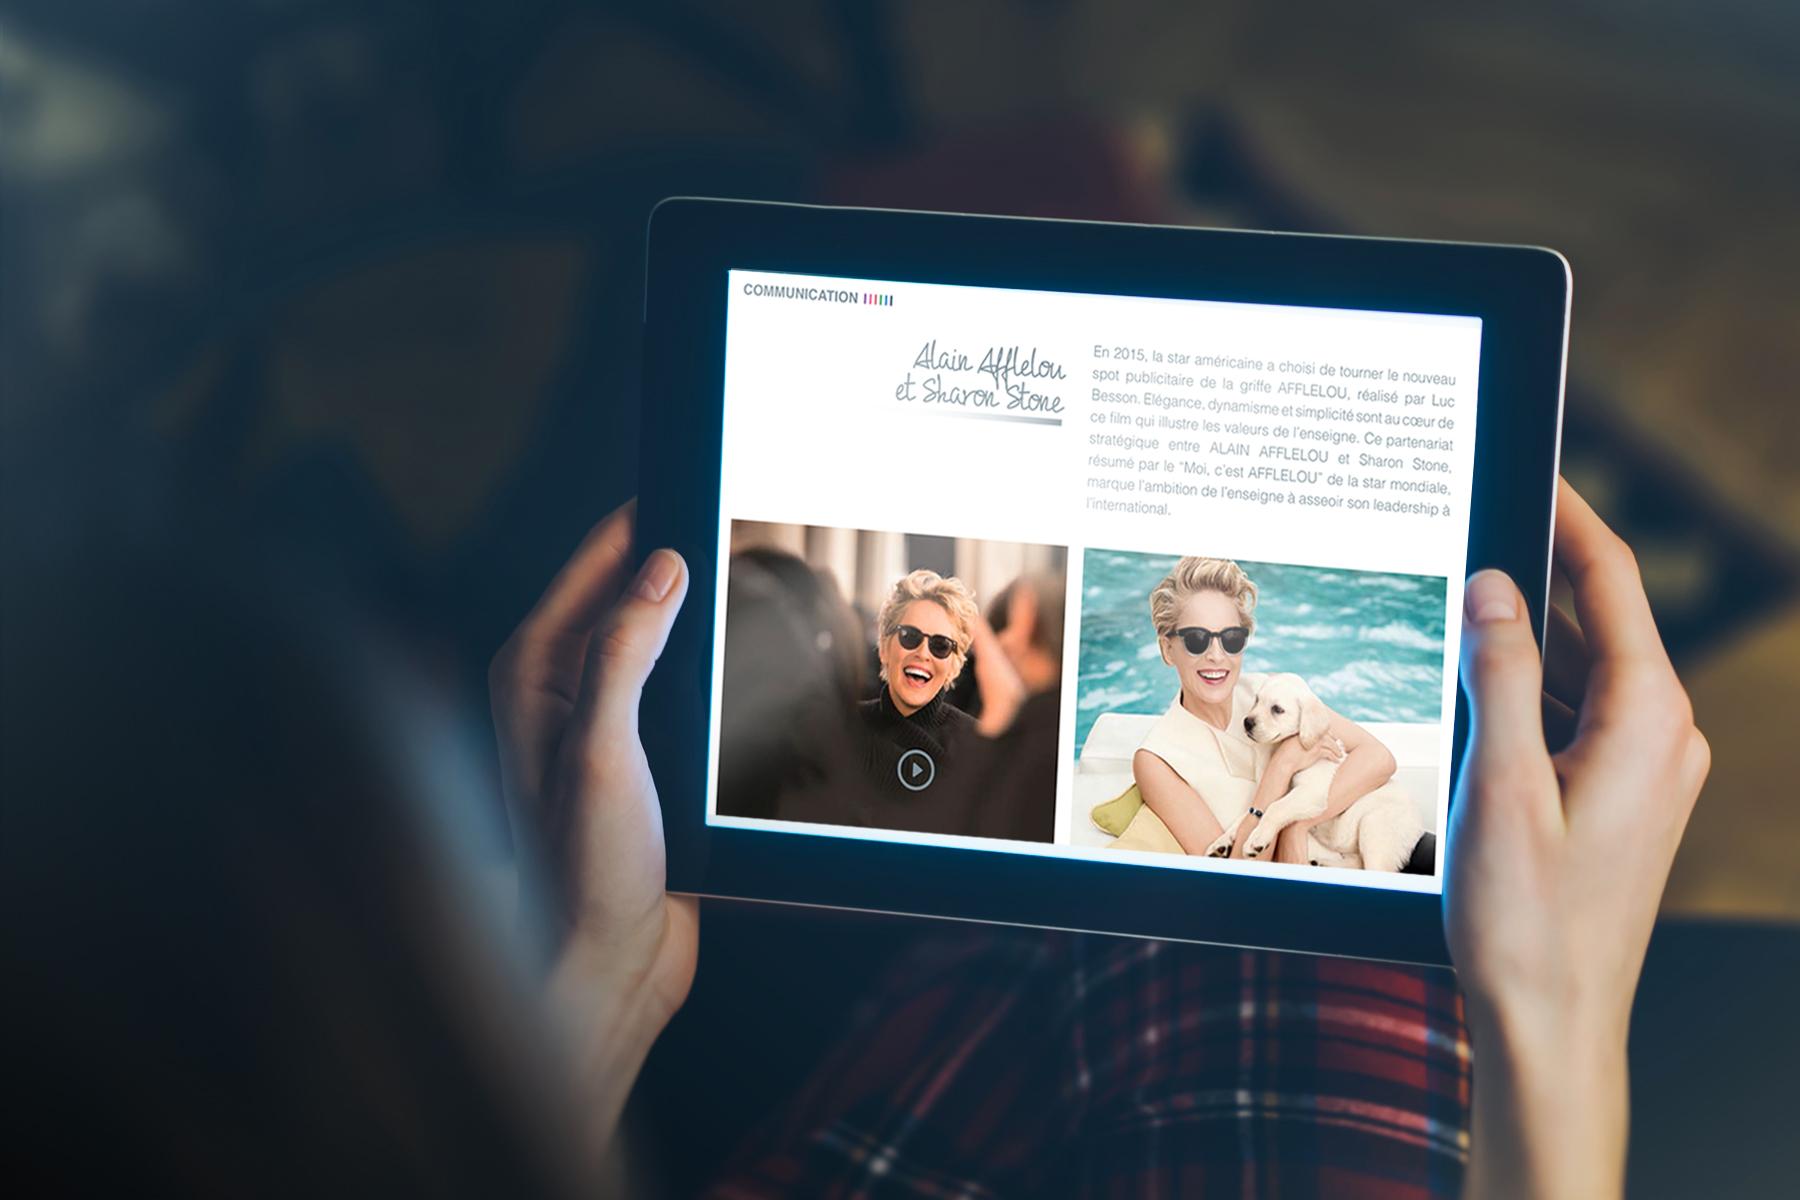 afflelou-ebrochure-ipad-digital-agence-communication-et-création-graphique-quelque-chose-en-plus